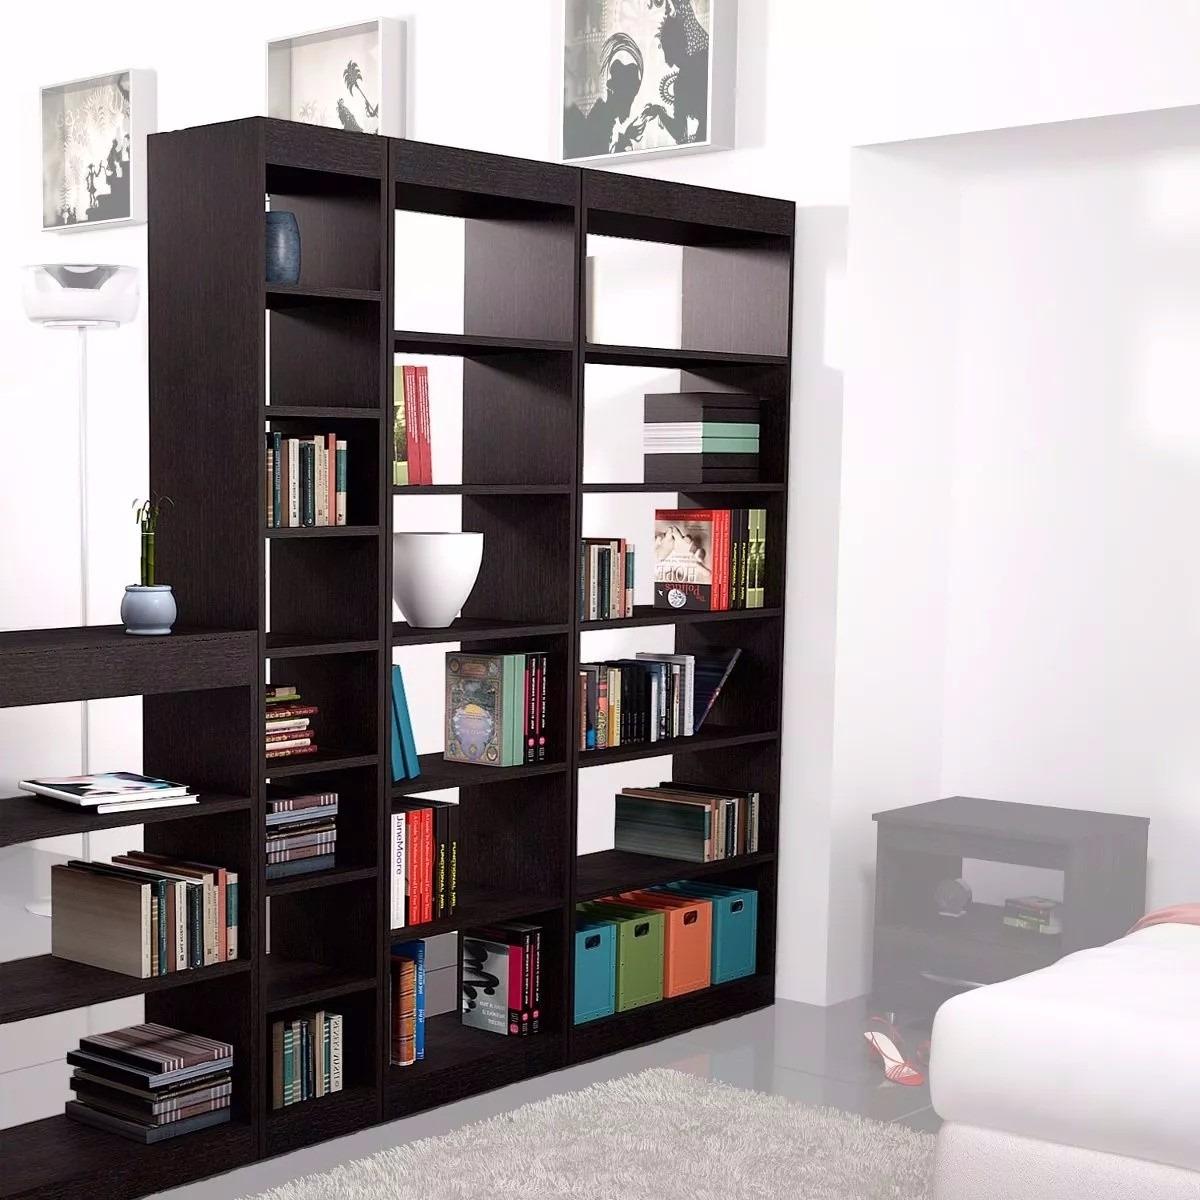 Biblioteca tipo separador de ambientes en for Mueble separador de ambientes